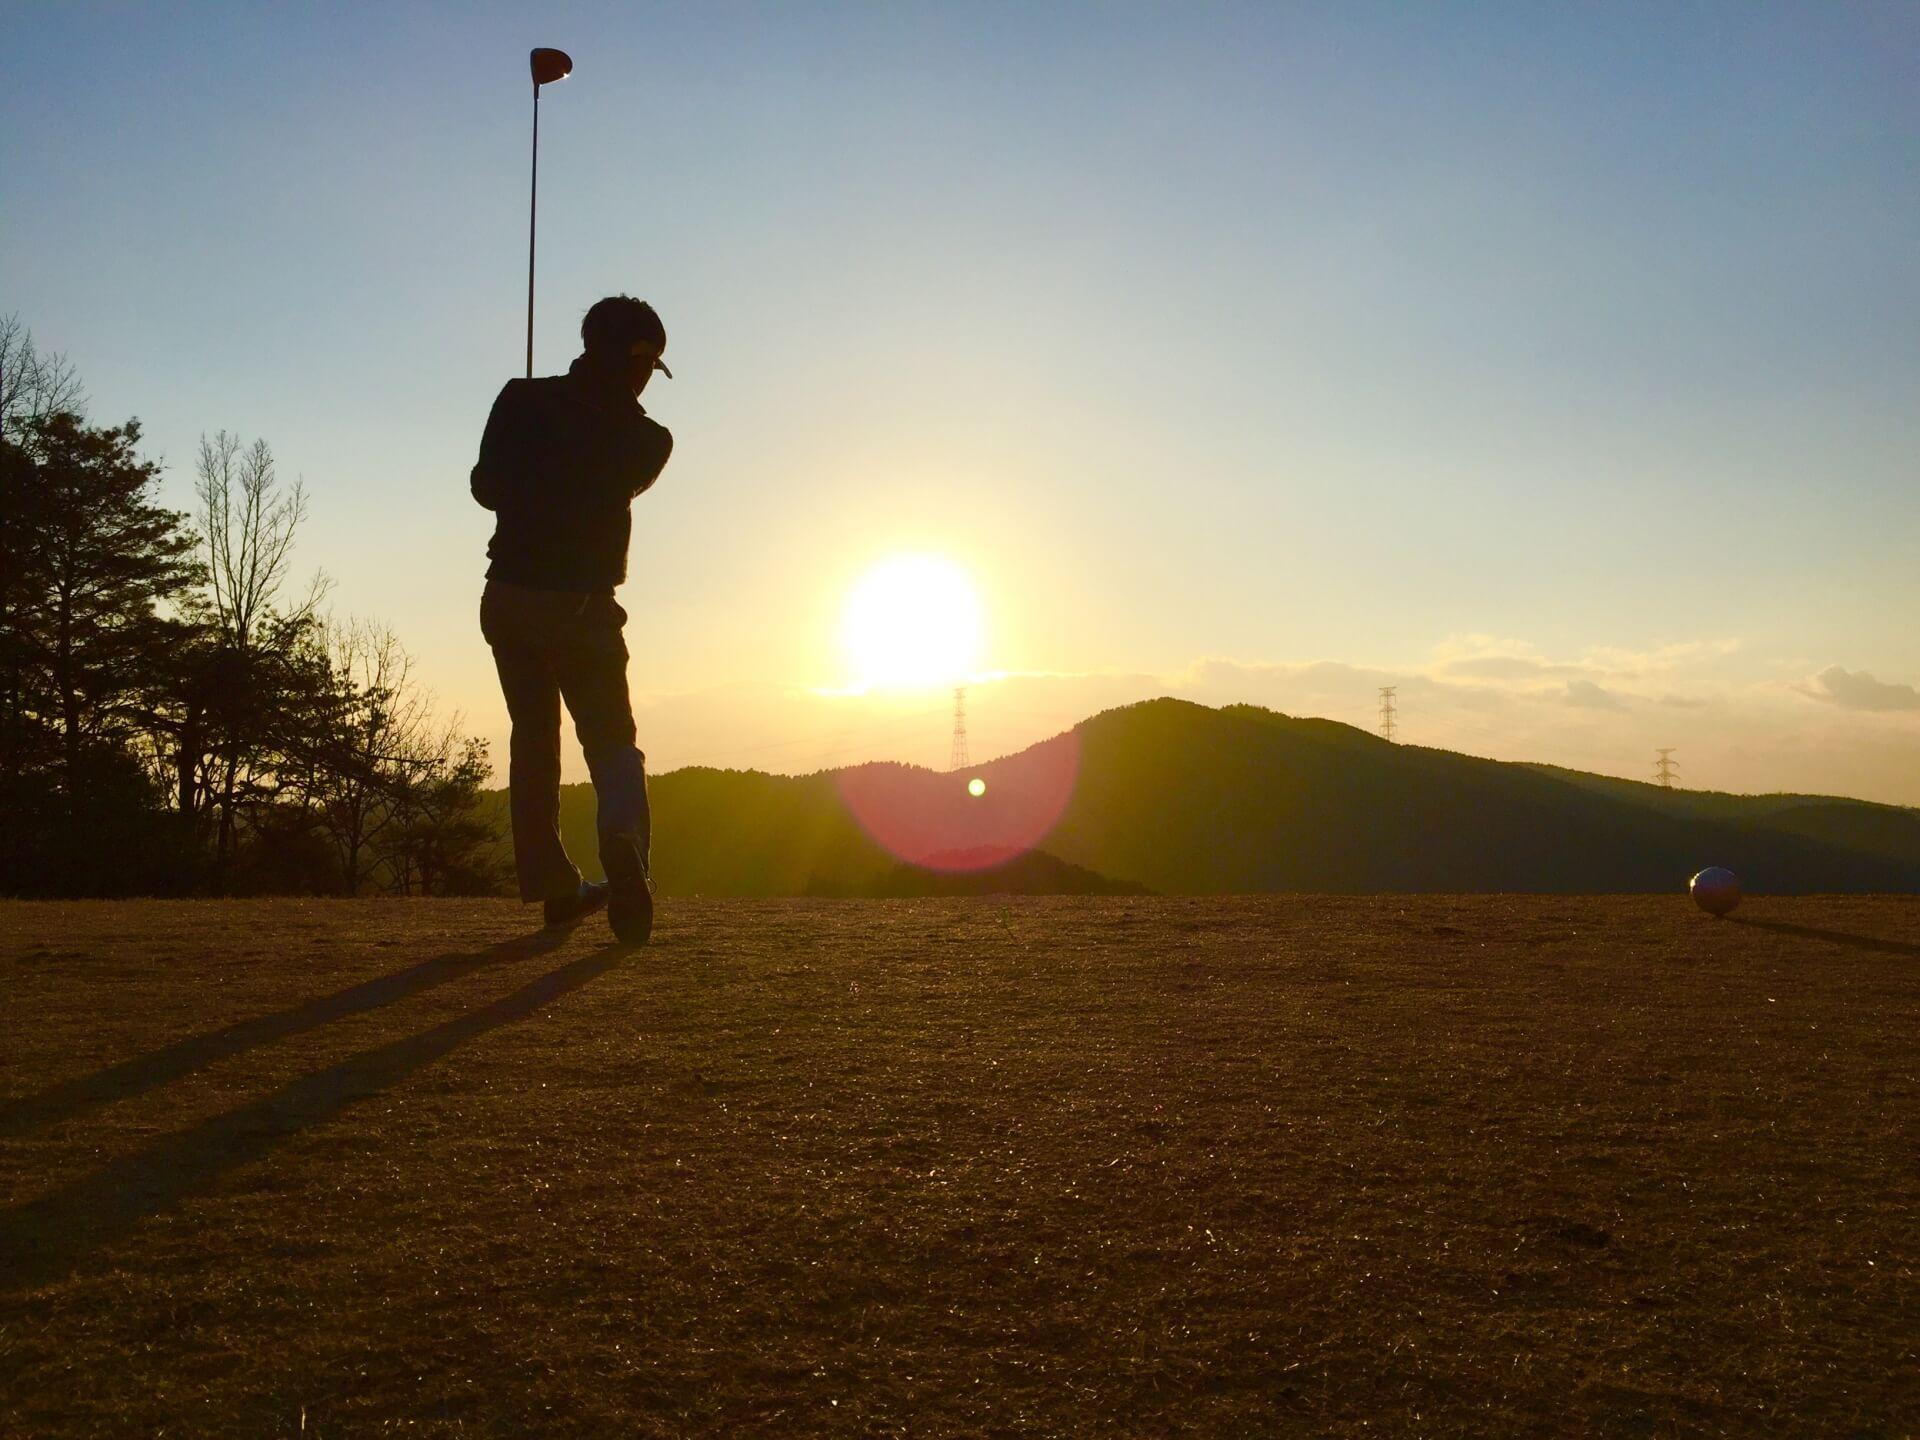 ゴルフ武勇伝とは何?